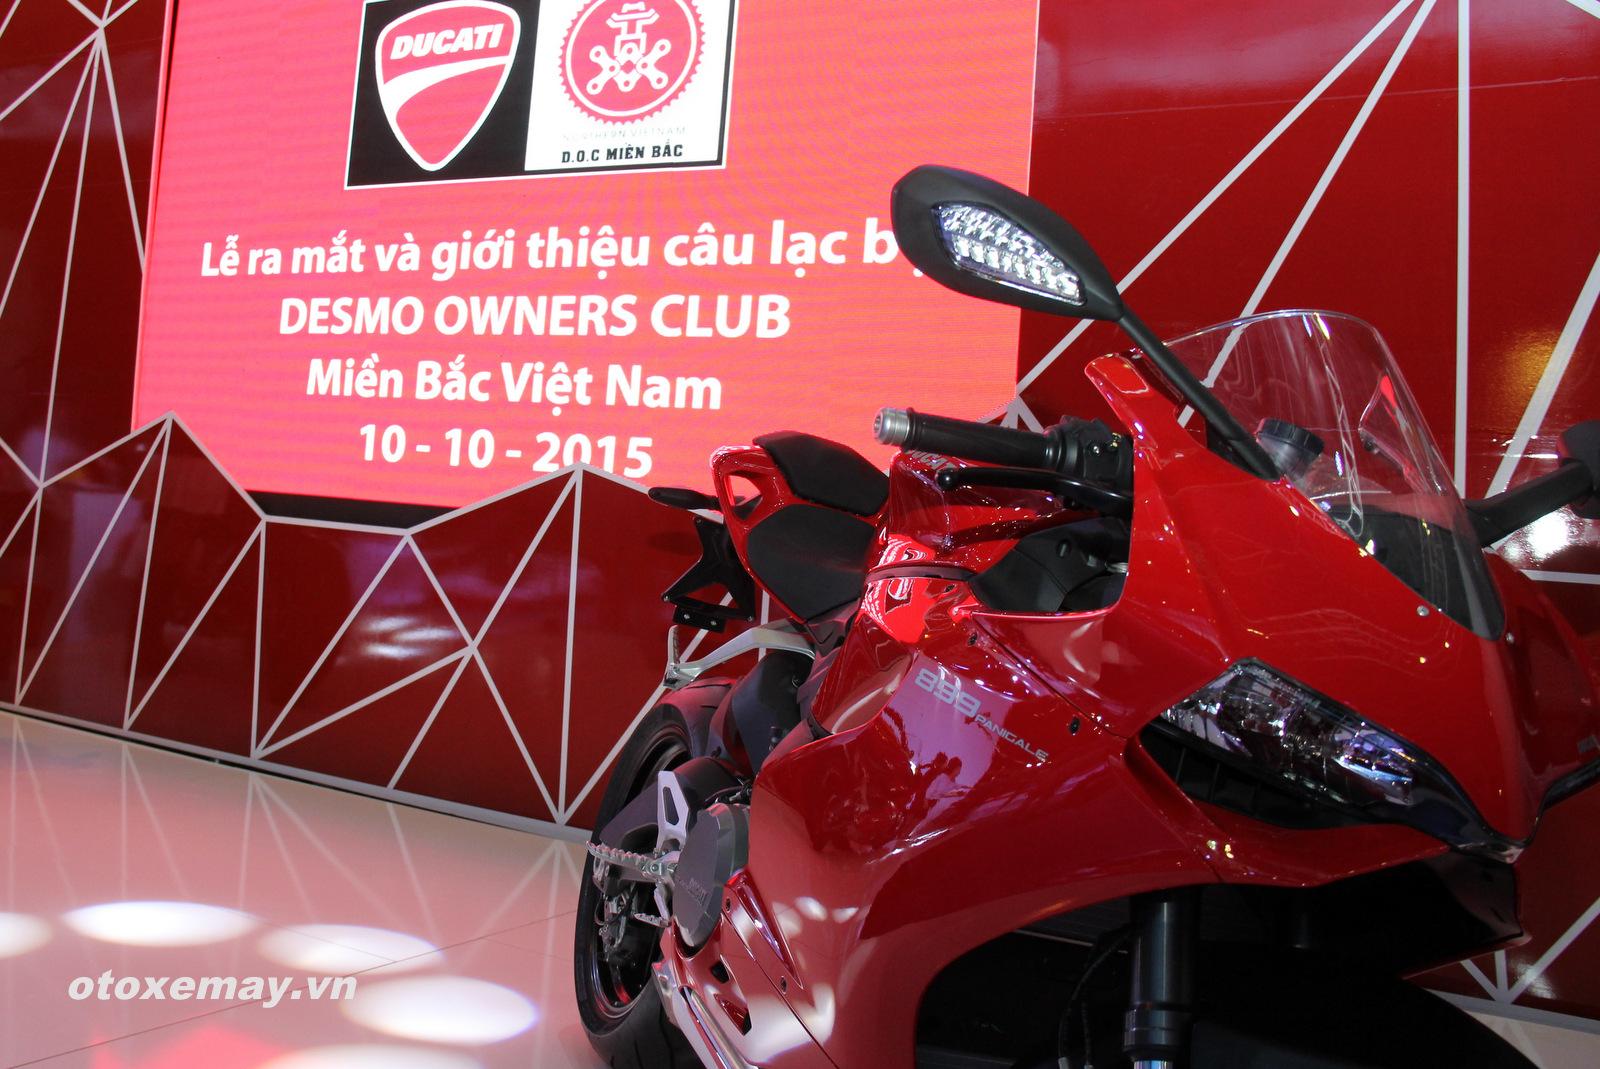 DOC Mien Bac chinh thuc nhap hoi Ducatisti the gioi - 17